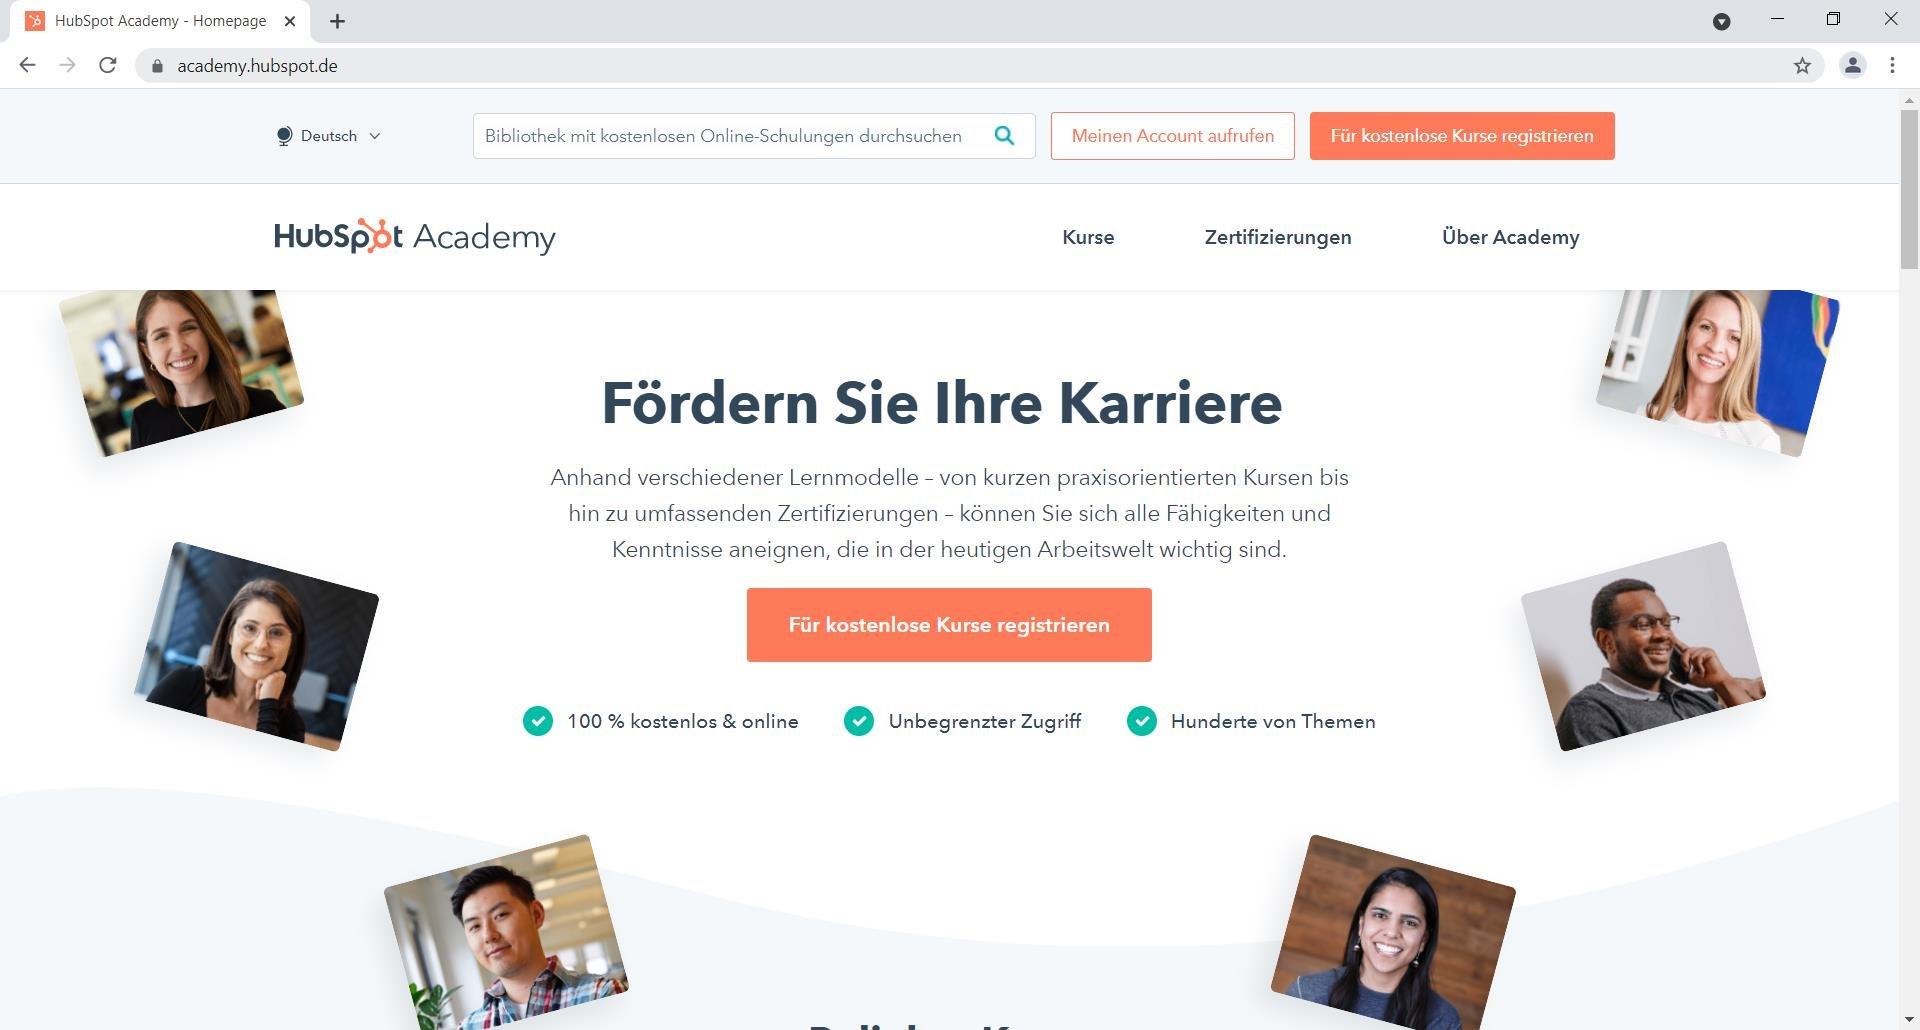 screenshot-hubspot-academy-homepage